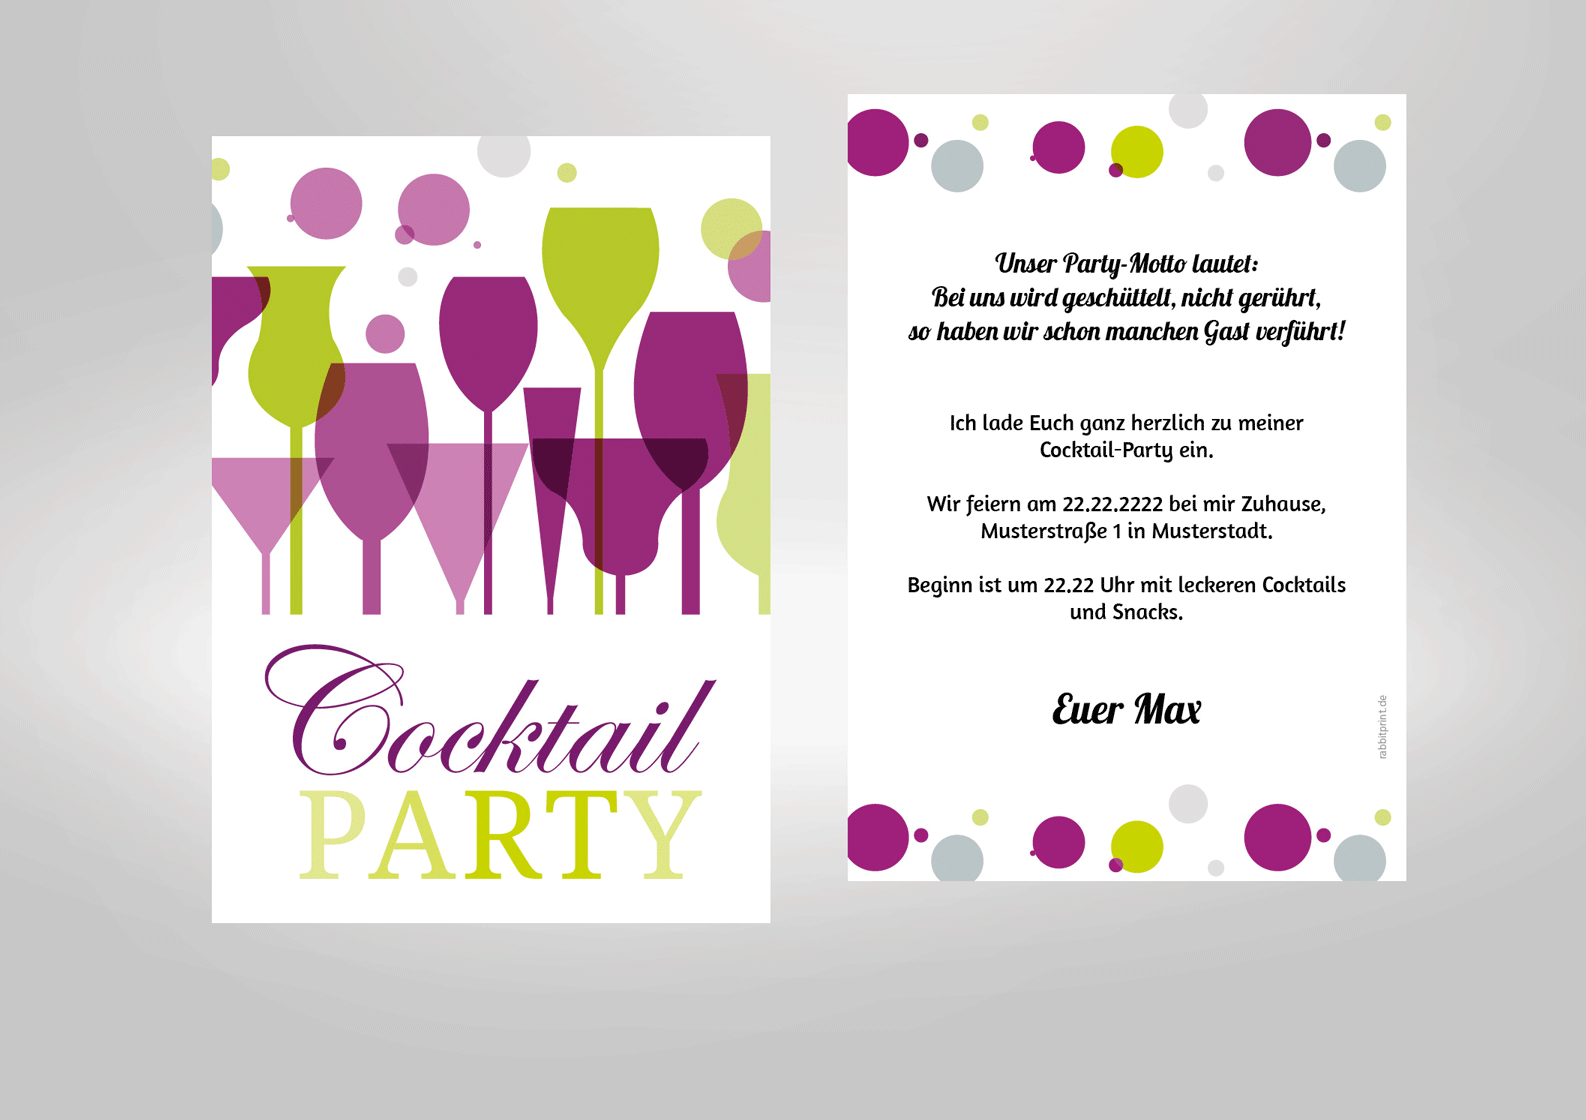 Einladungskarte Zur Cocktailparty Geburtstag